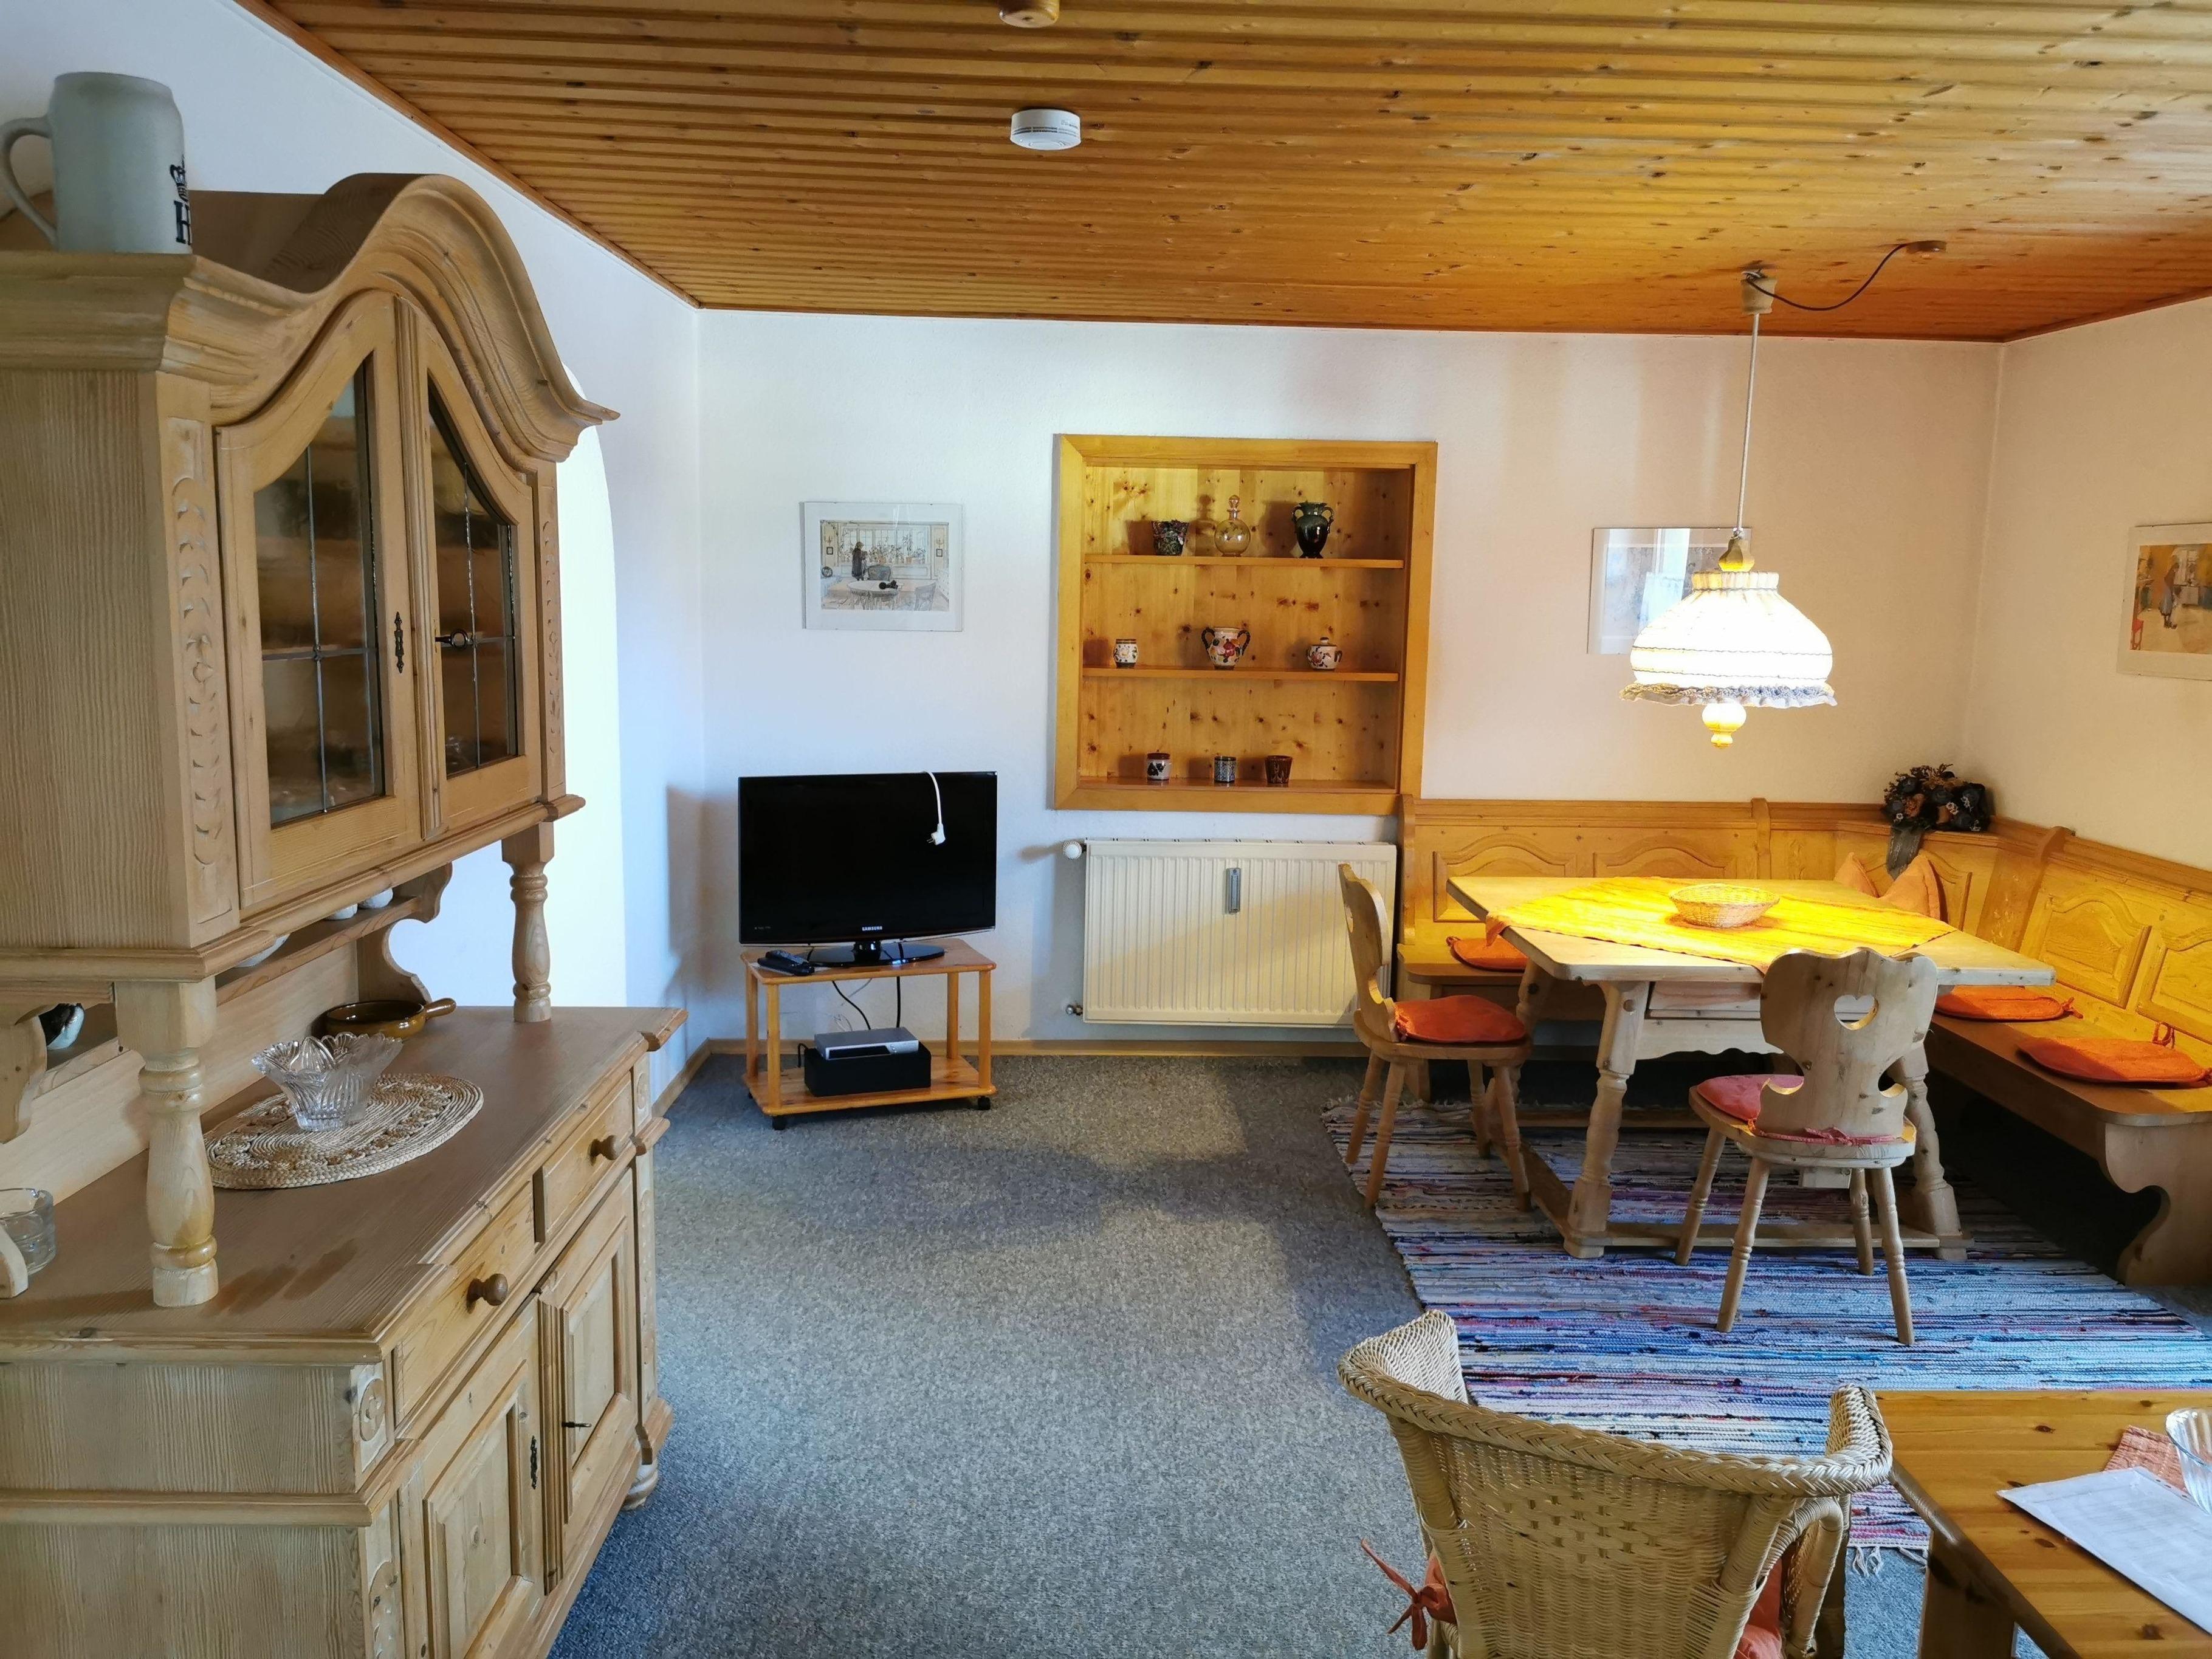 Haus Haidweg Wohnung 2 - 2 Zimmer, ca. 50 qm f&uum Ferienwohnung im Bayerischer Wald